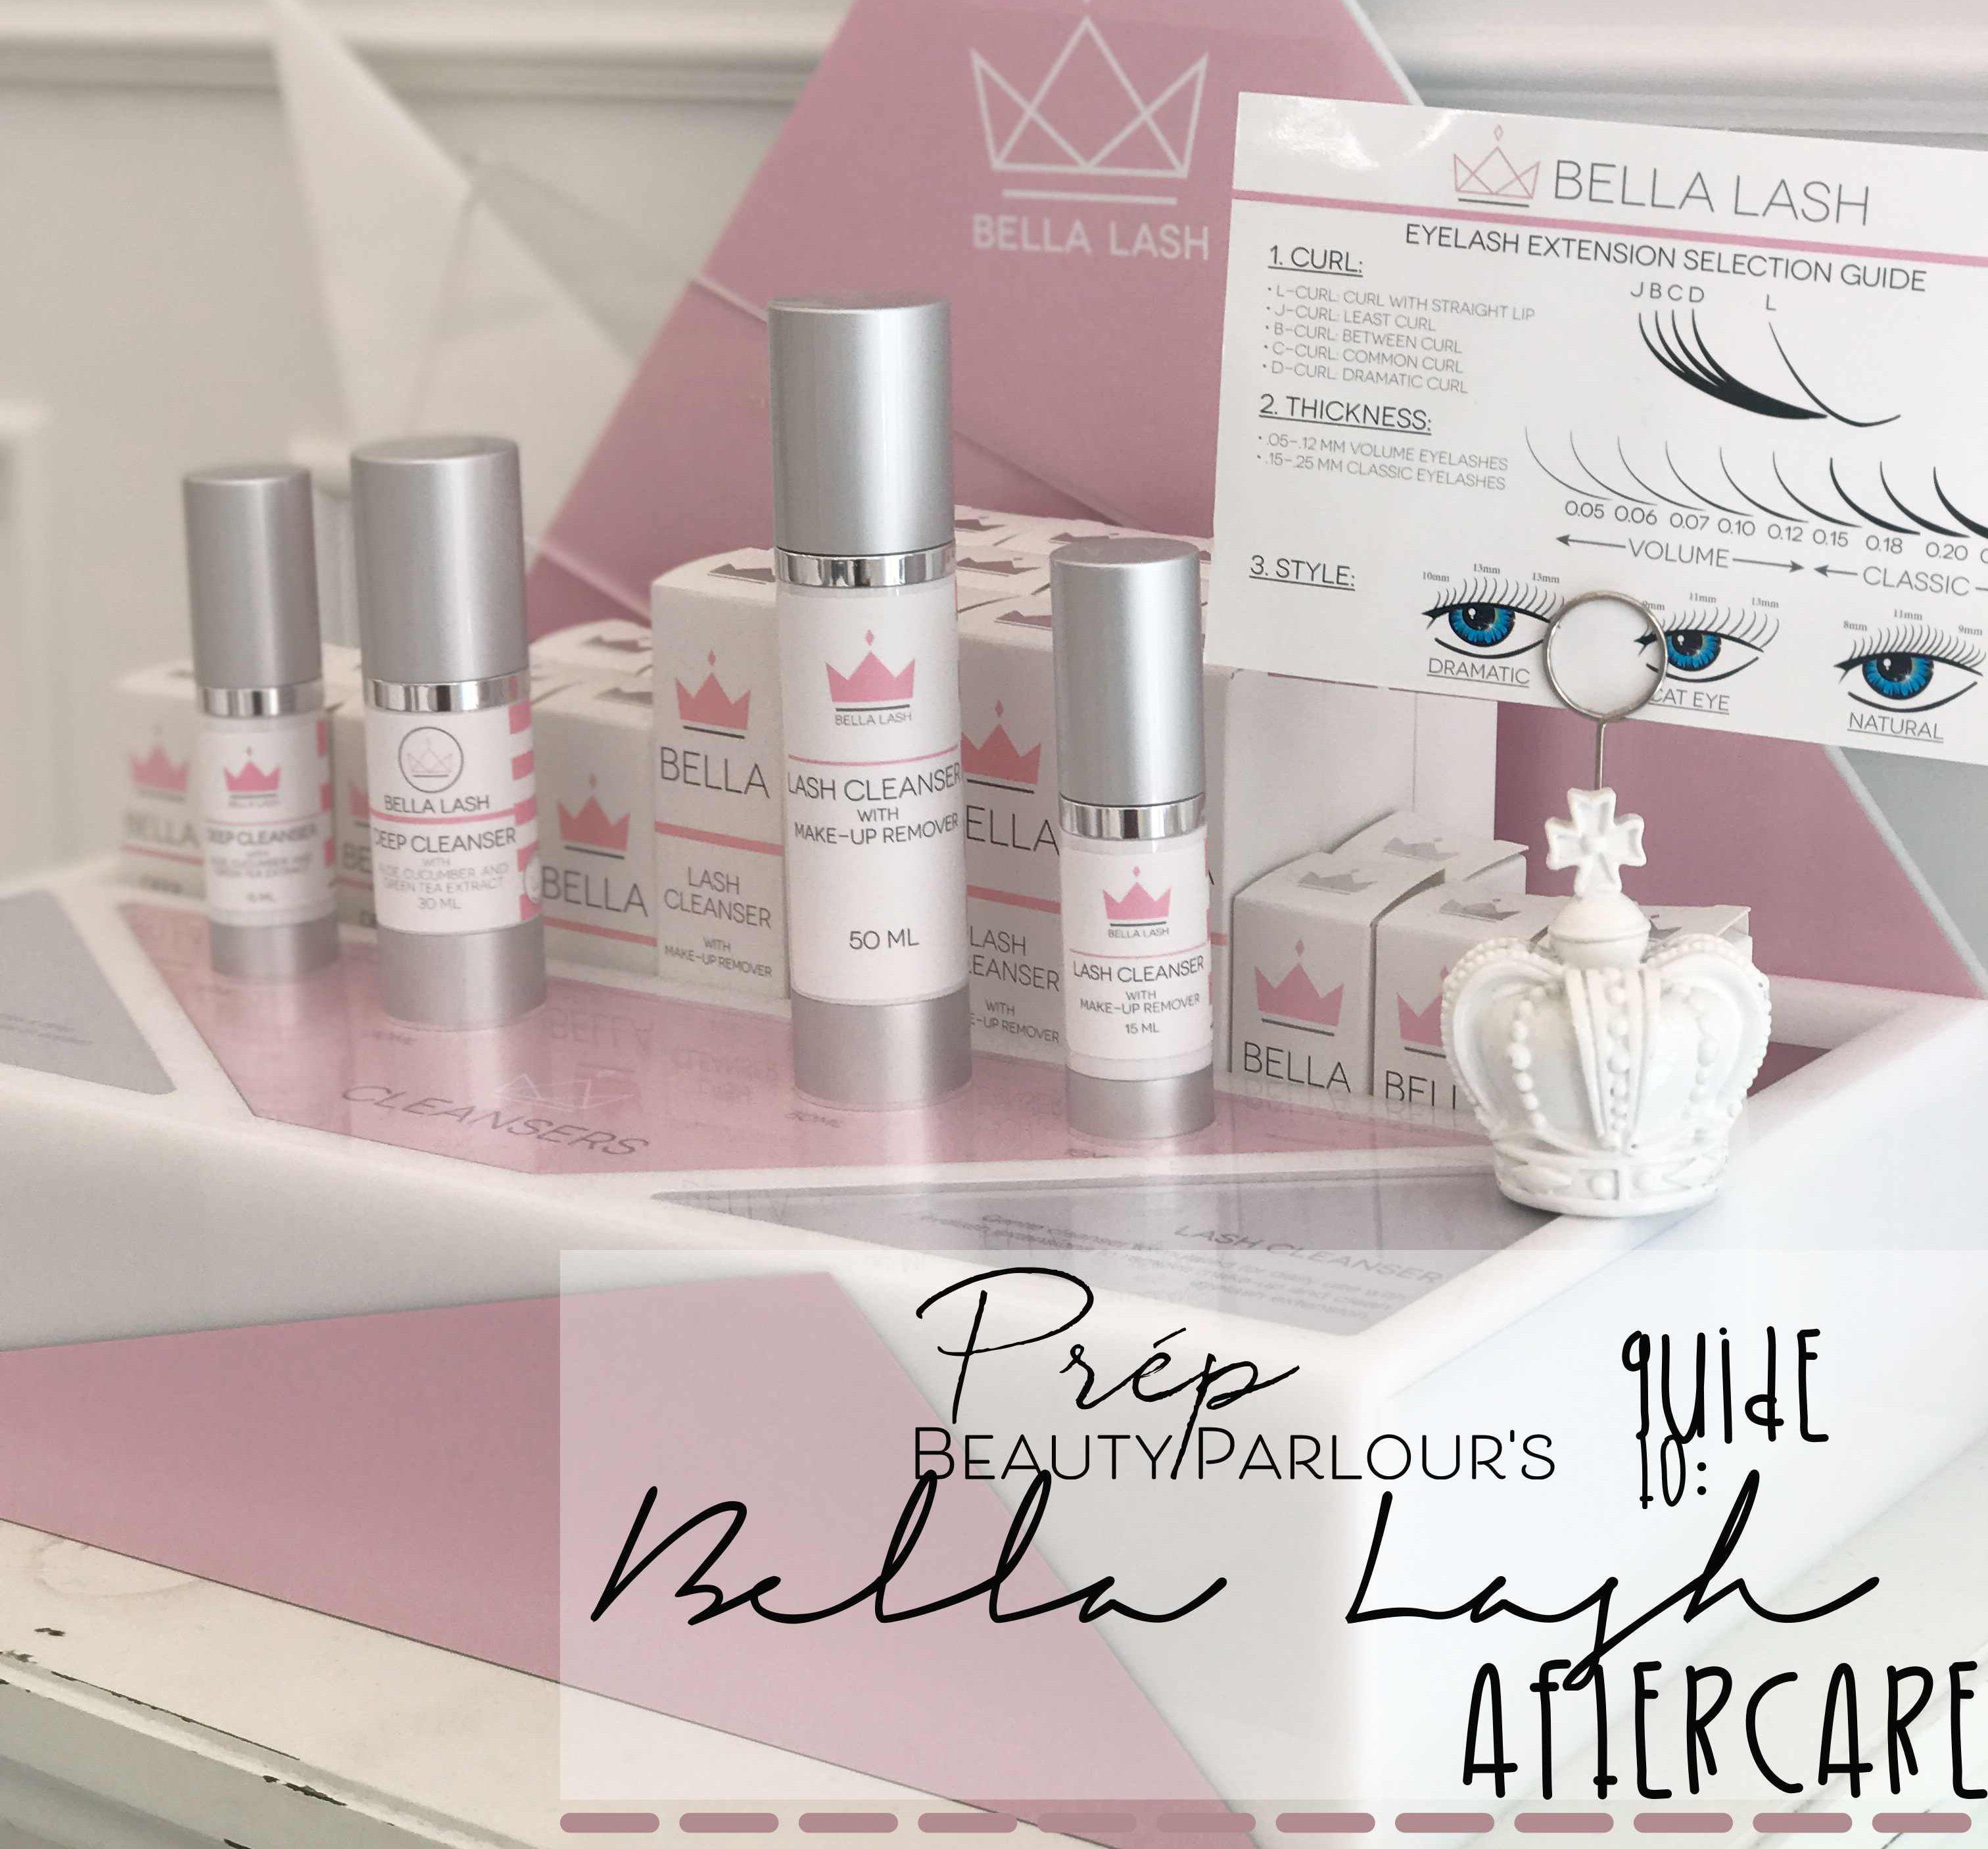 Prép Beauty Parlour Bella Lash Extensions Aftercare